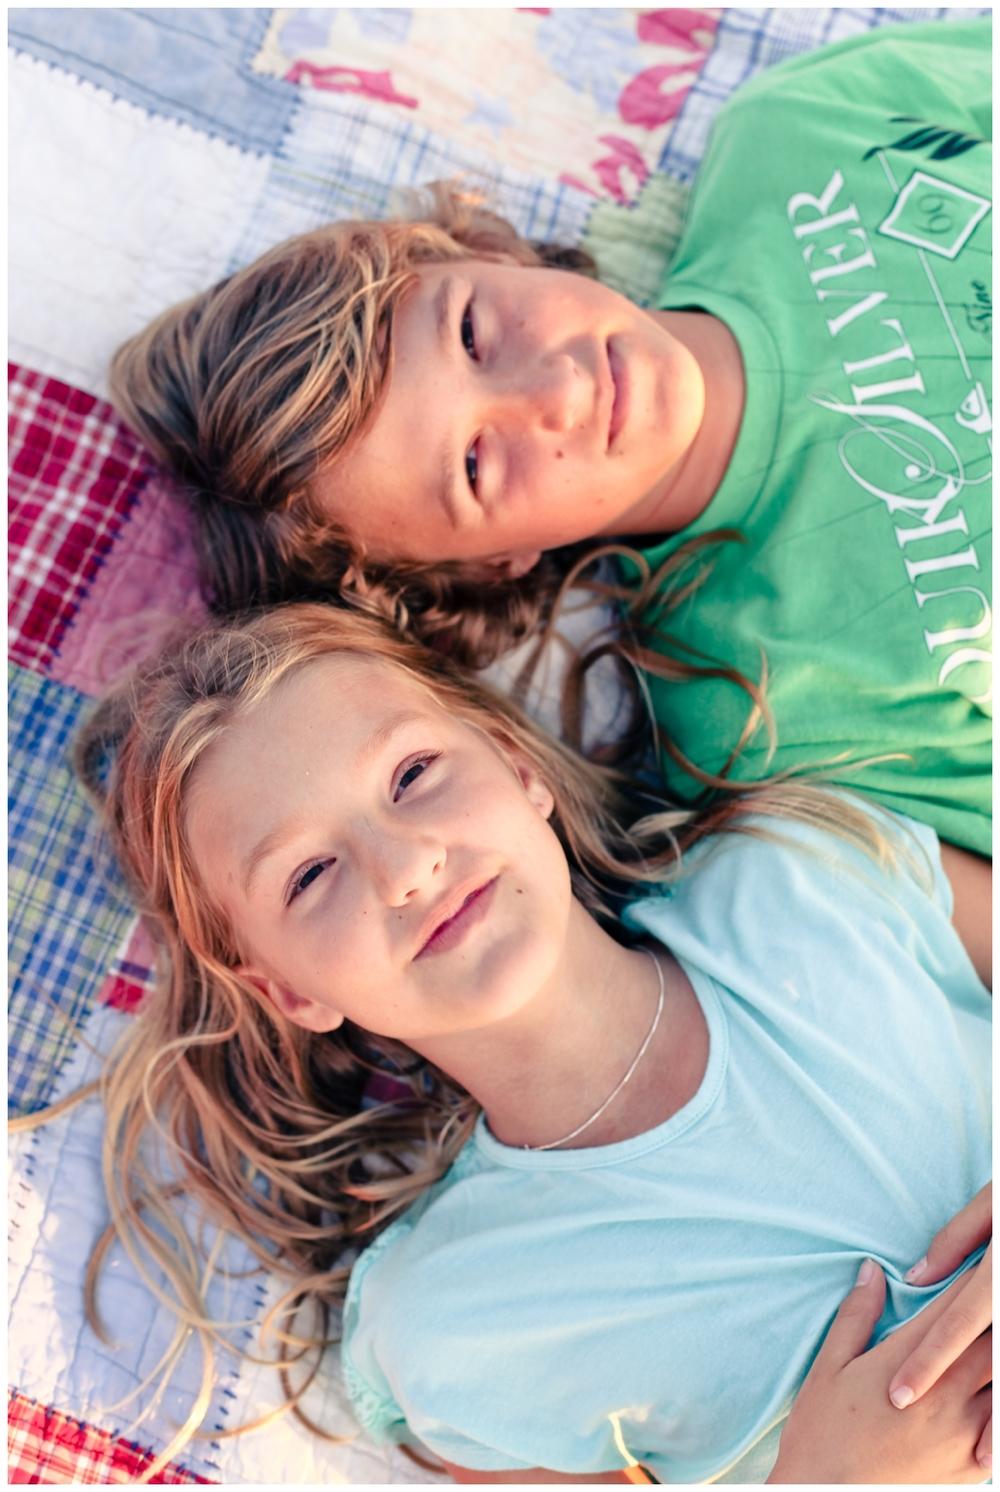 sandiegochildrenphotography_287.jpg